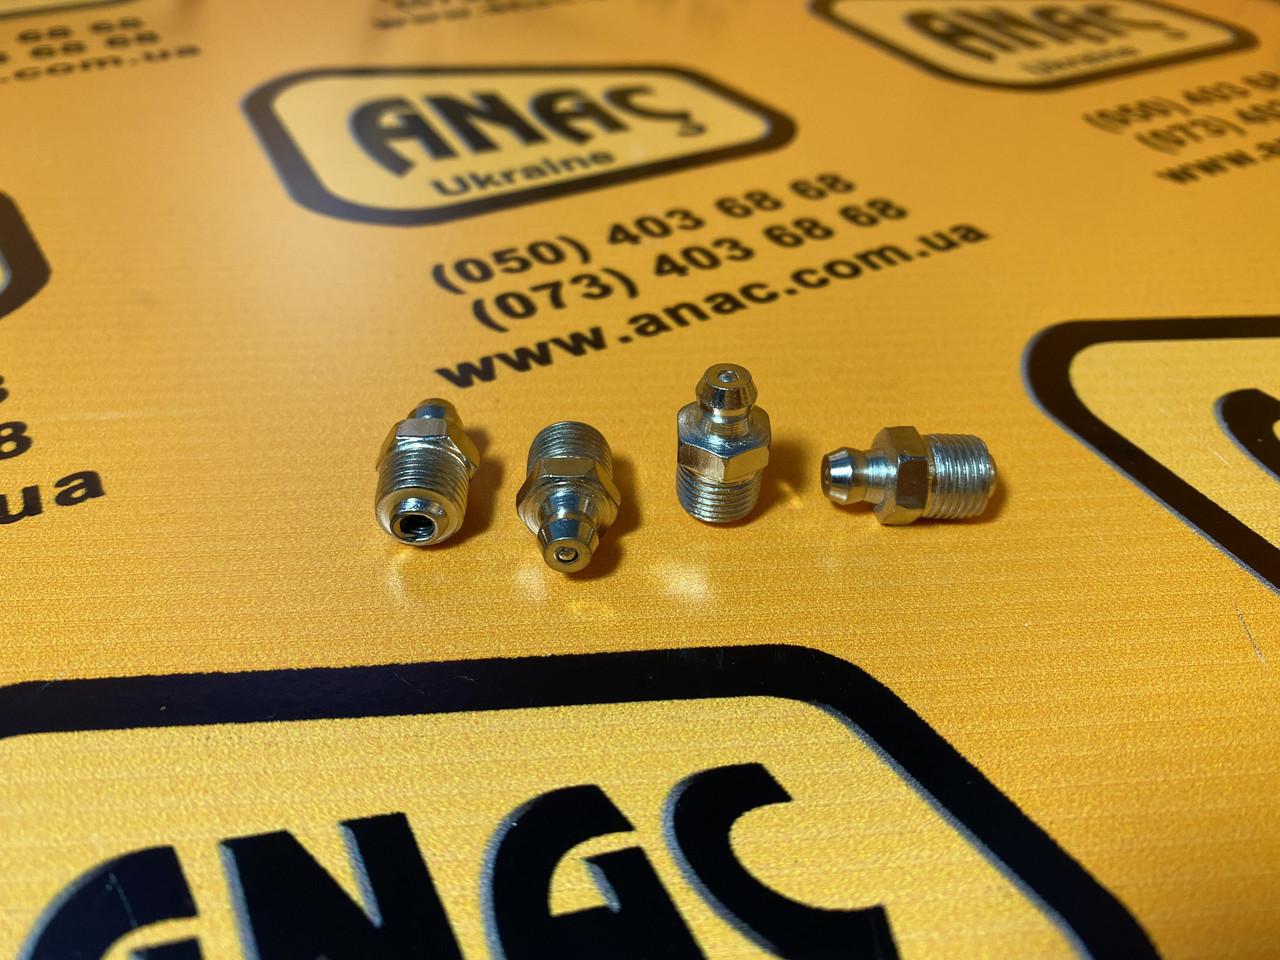 Масленка тавотница прямая 1/8 BSP на JCB номер  : 1450/0001